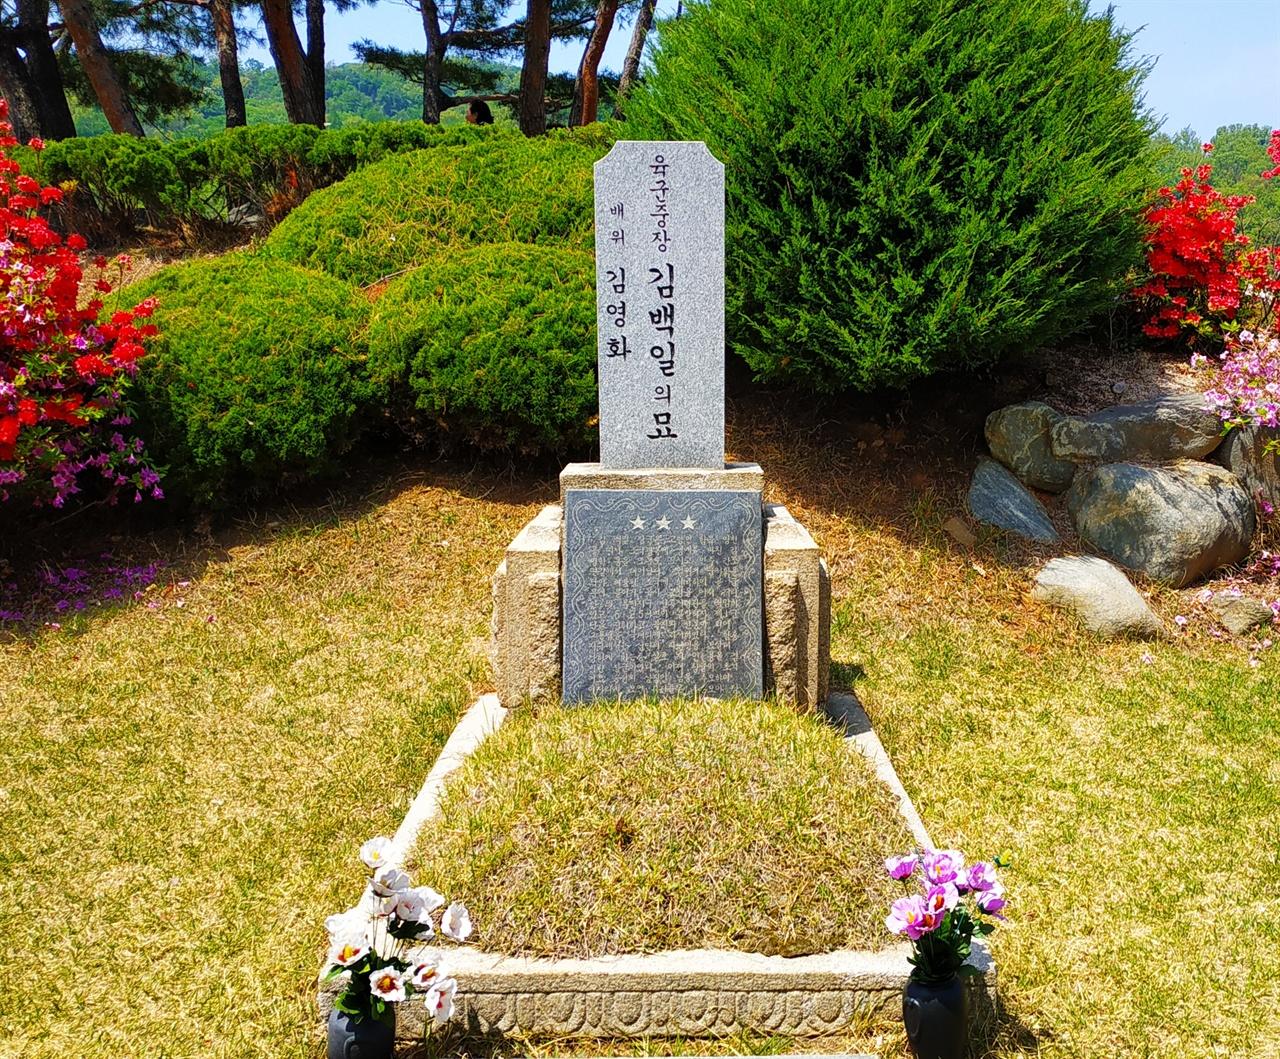 김백일의 묘 장군 제1묘역에 있는 간도특설대 출신 김백일의 묘